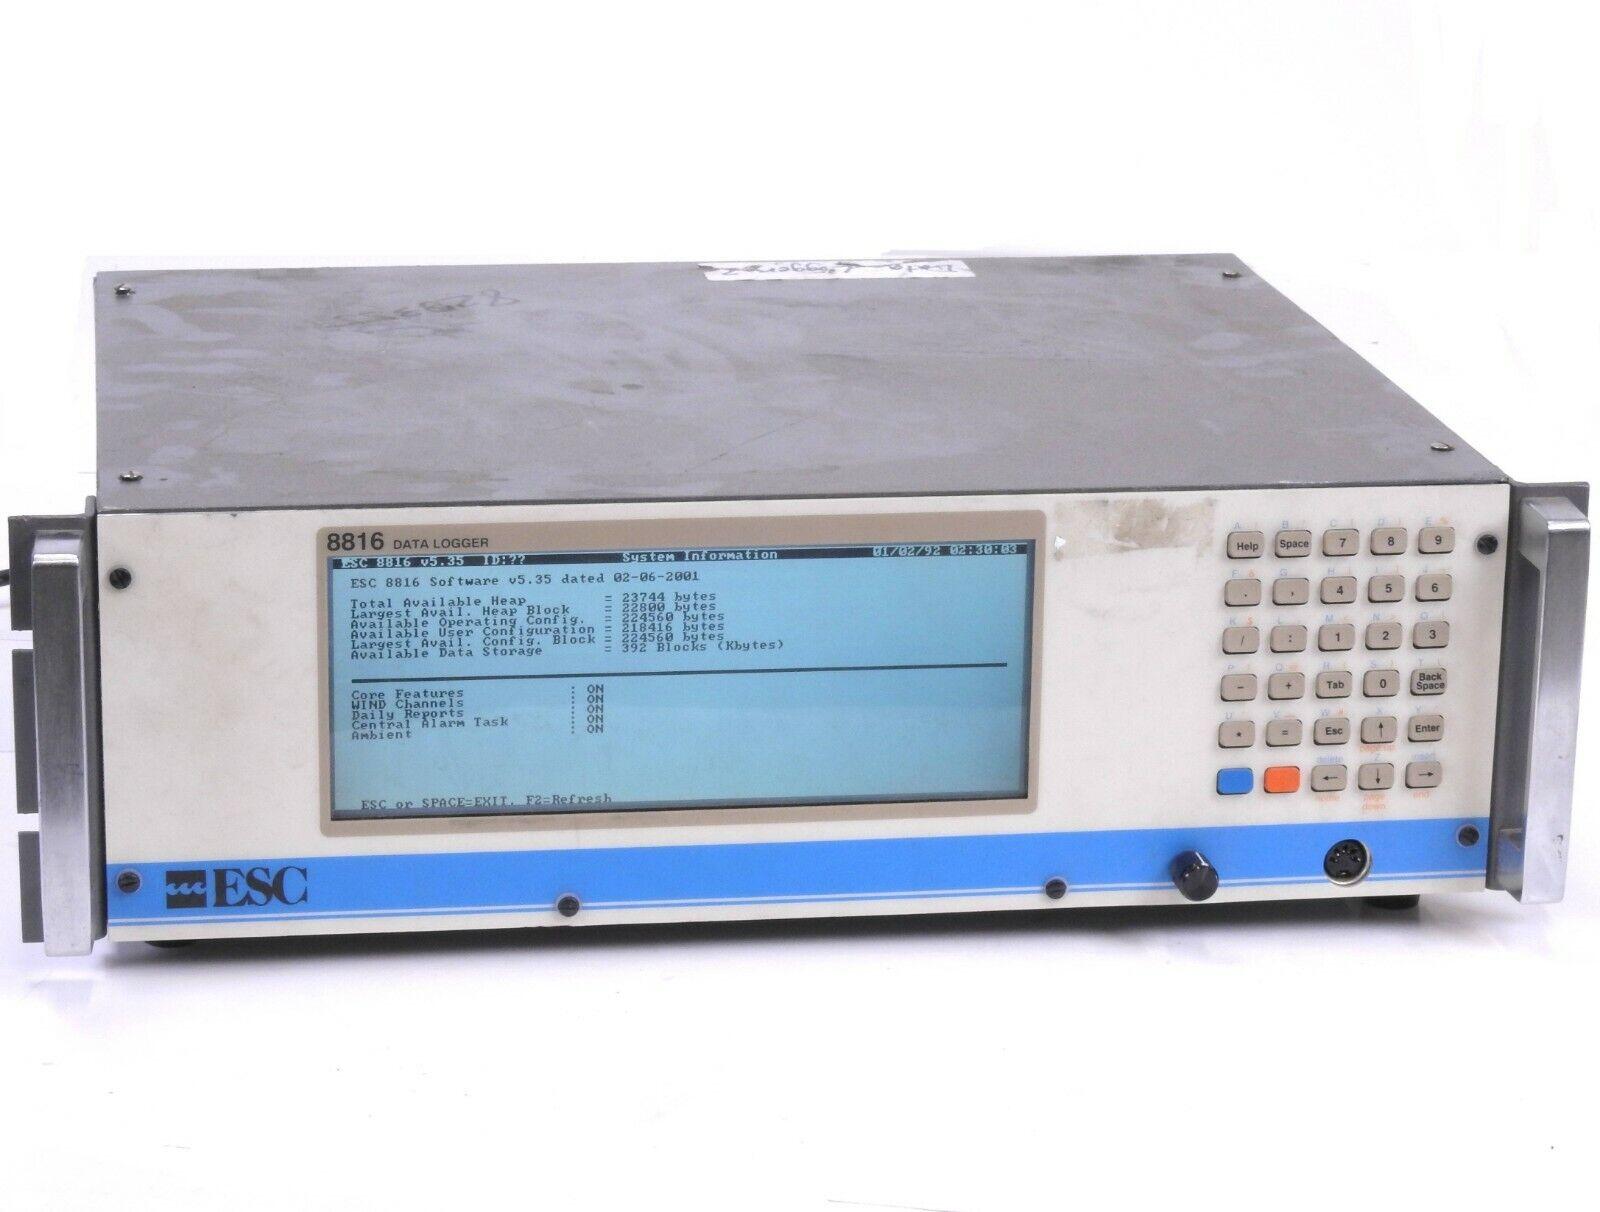 ESC 8816 Data Logger